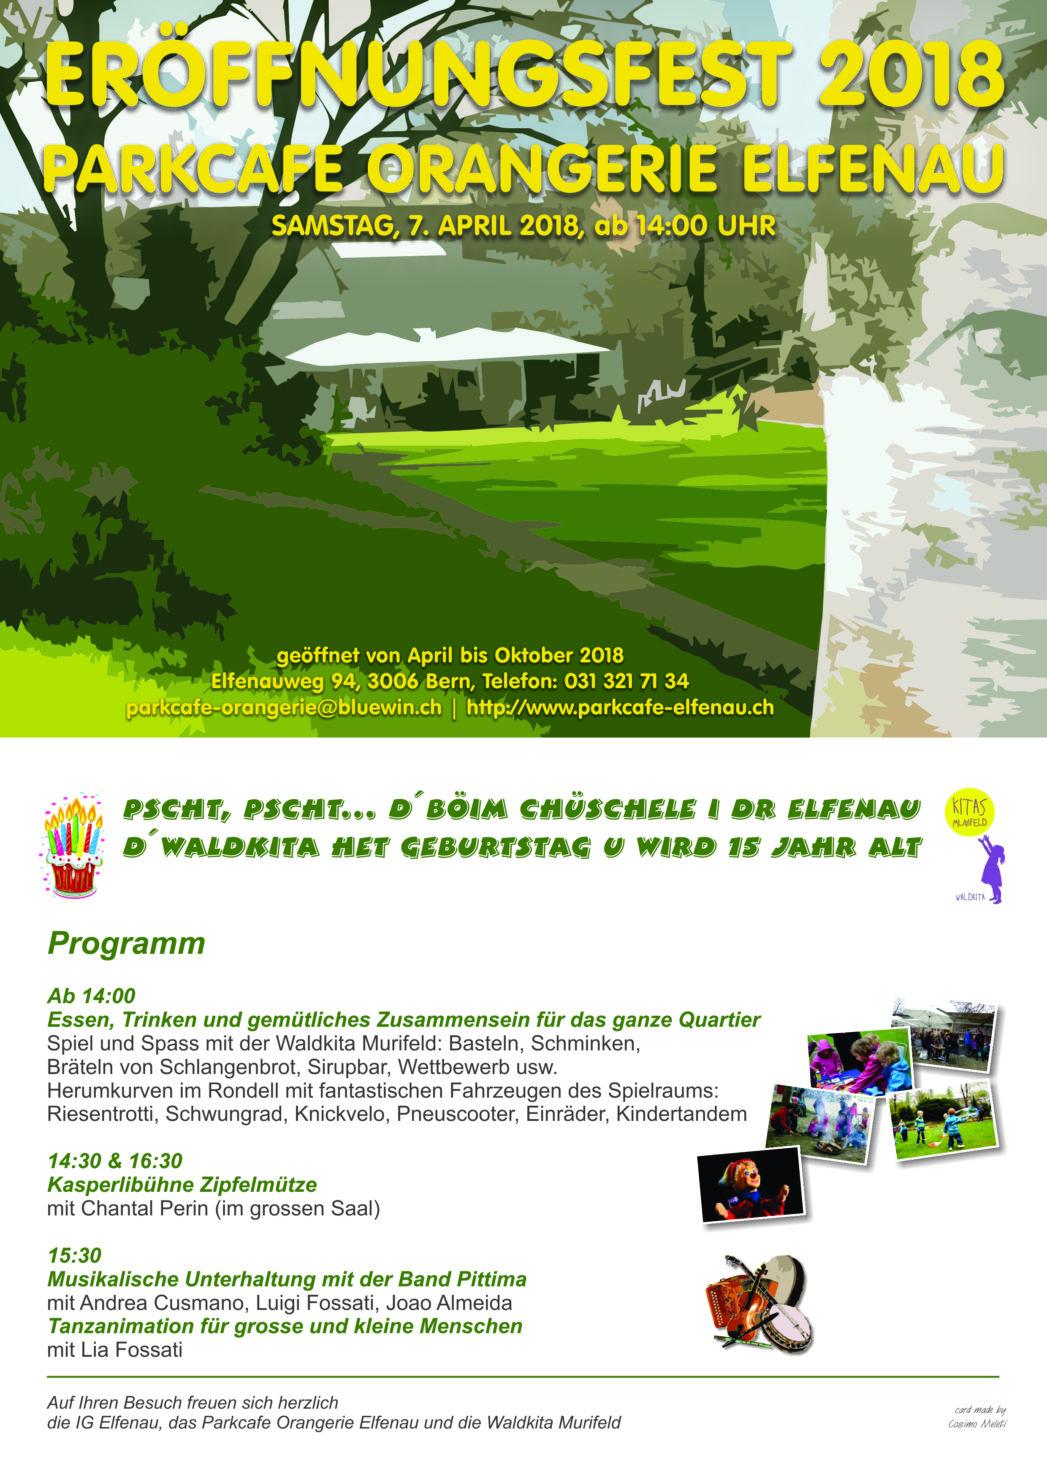 Flyer-Website_EröffnungsfestParkcafe2018-Compr2